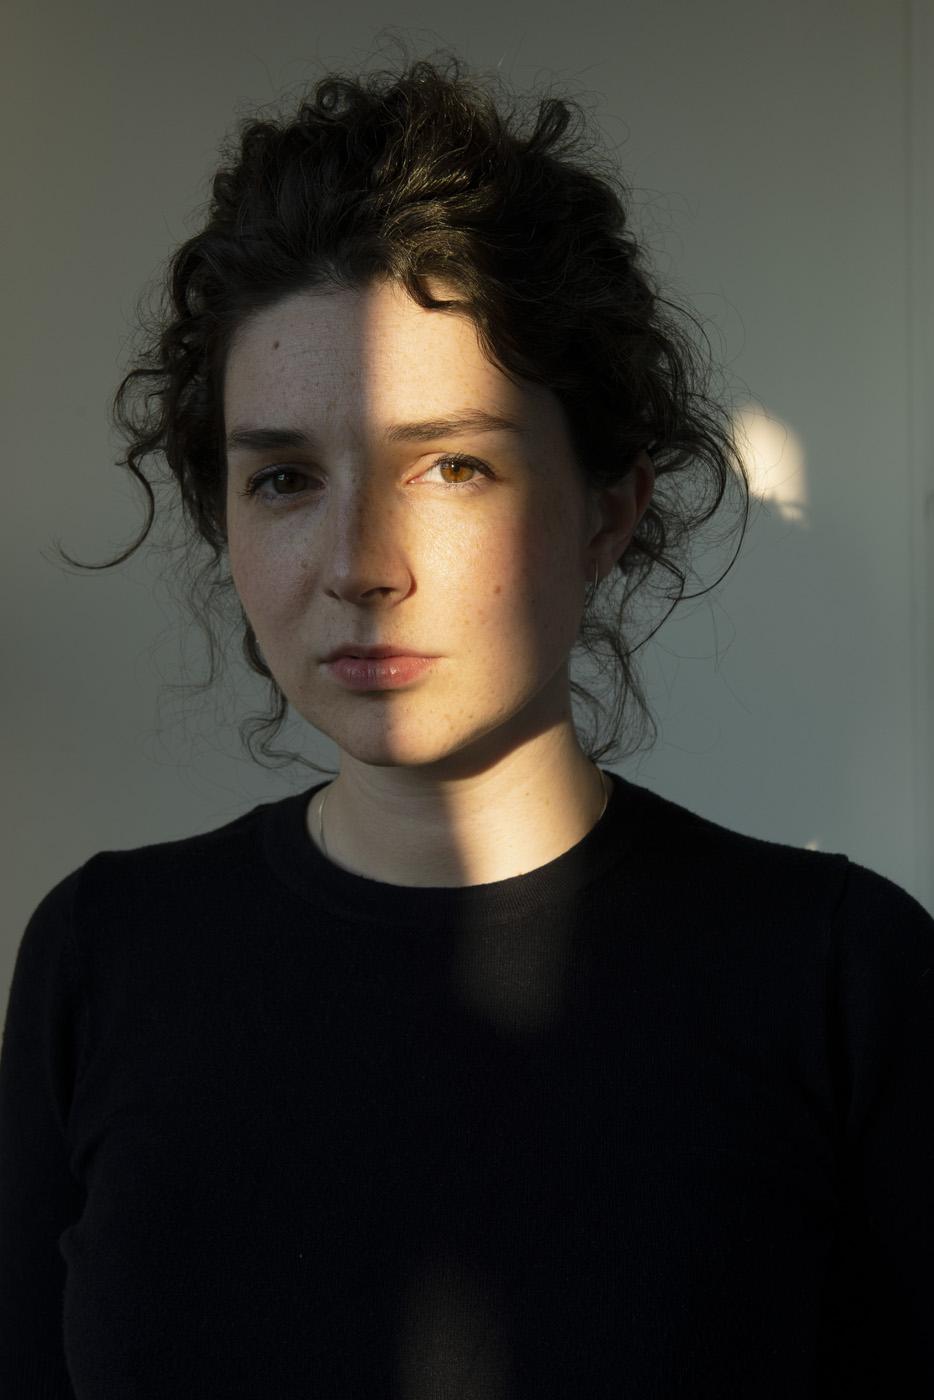 Megan Mckie-Smith